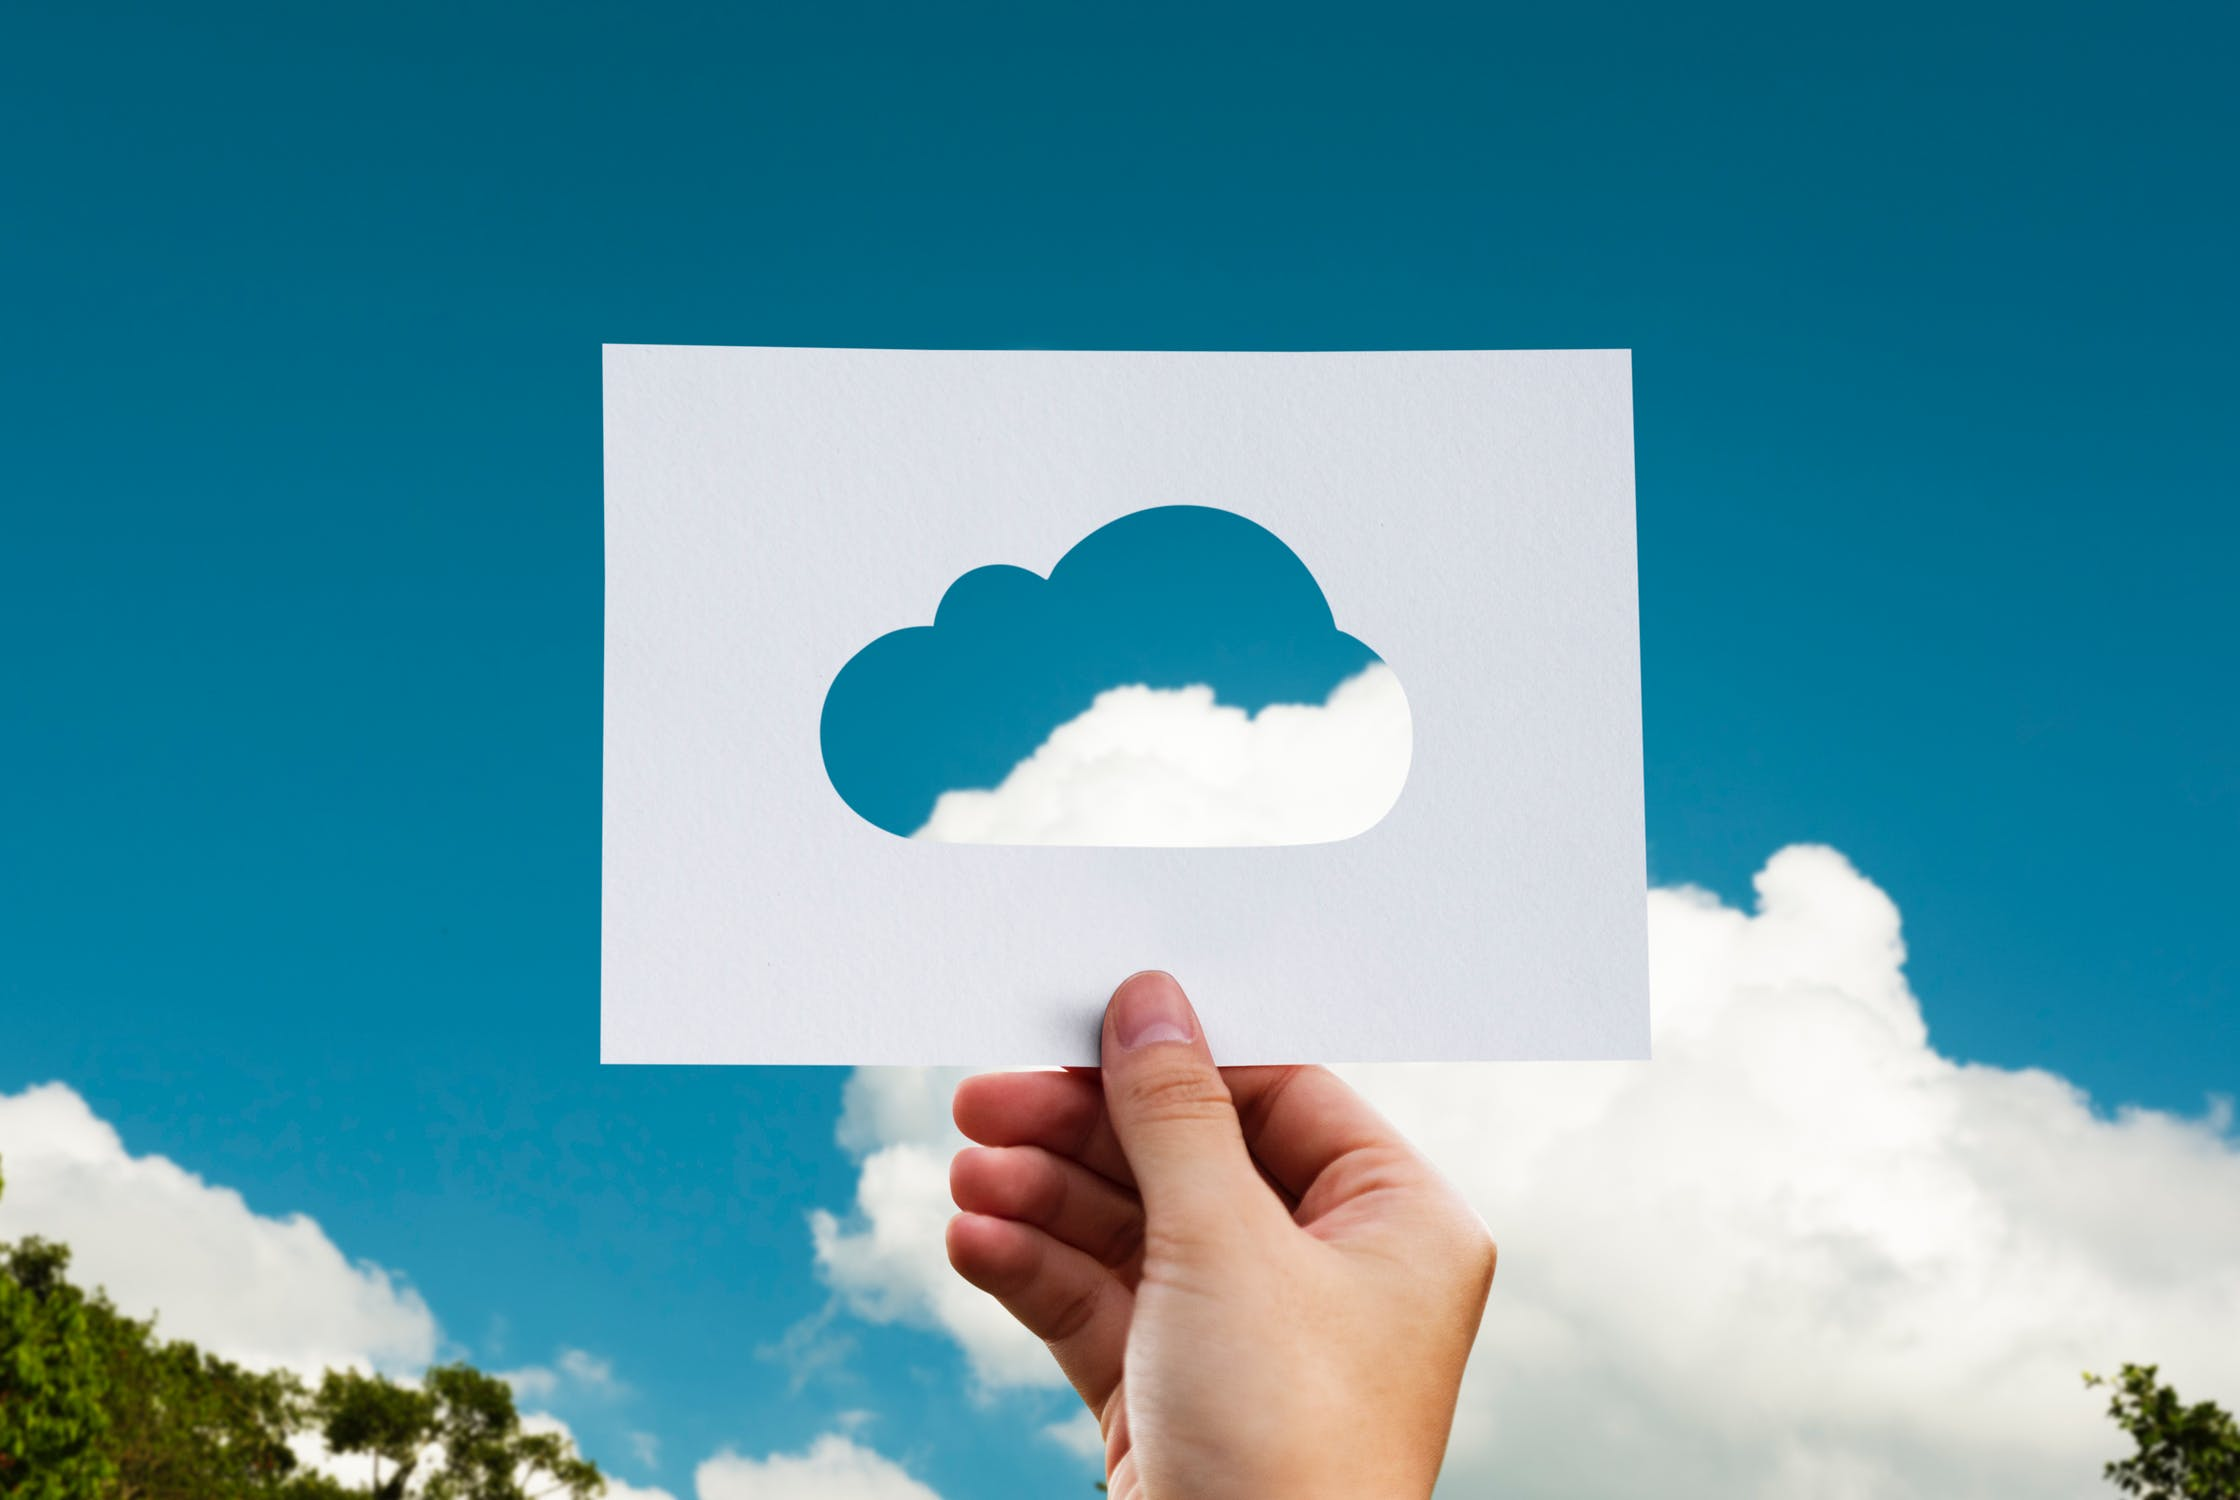 Korzyści biznesowe z przeniesienia danych do chmury